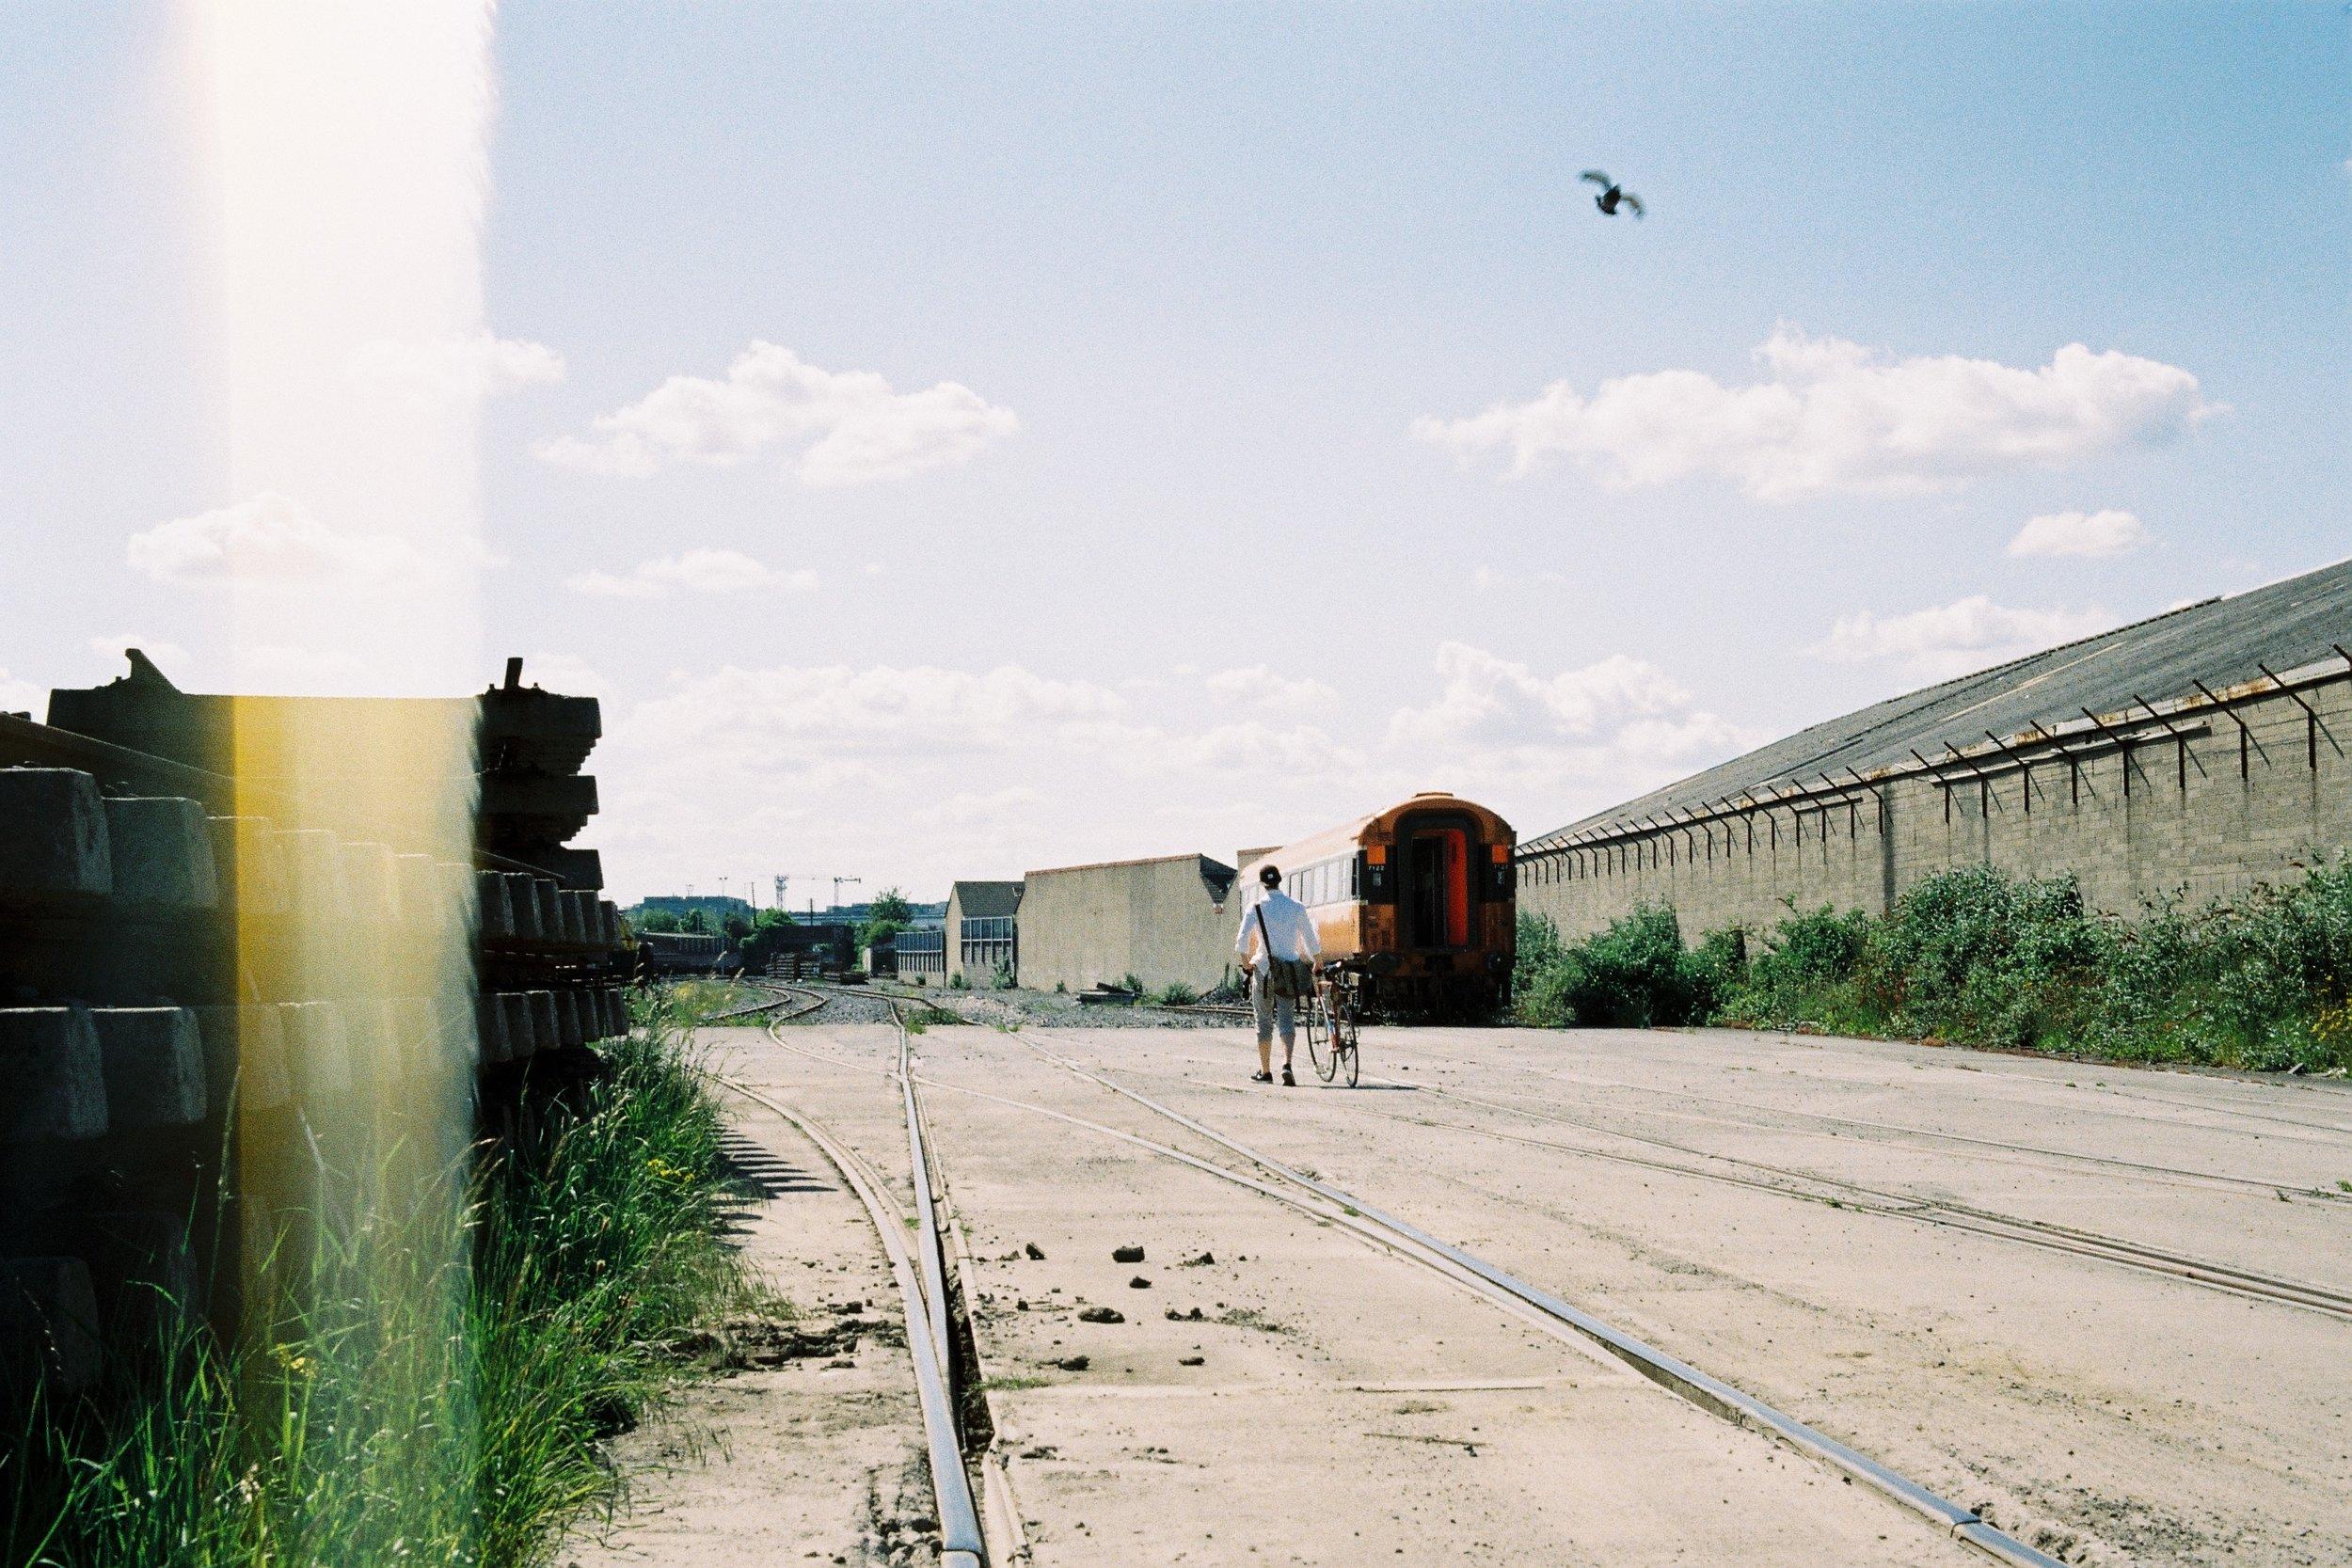 Images: Jack Sweeney